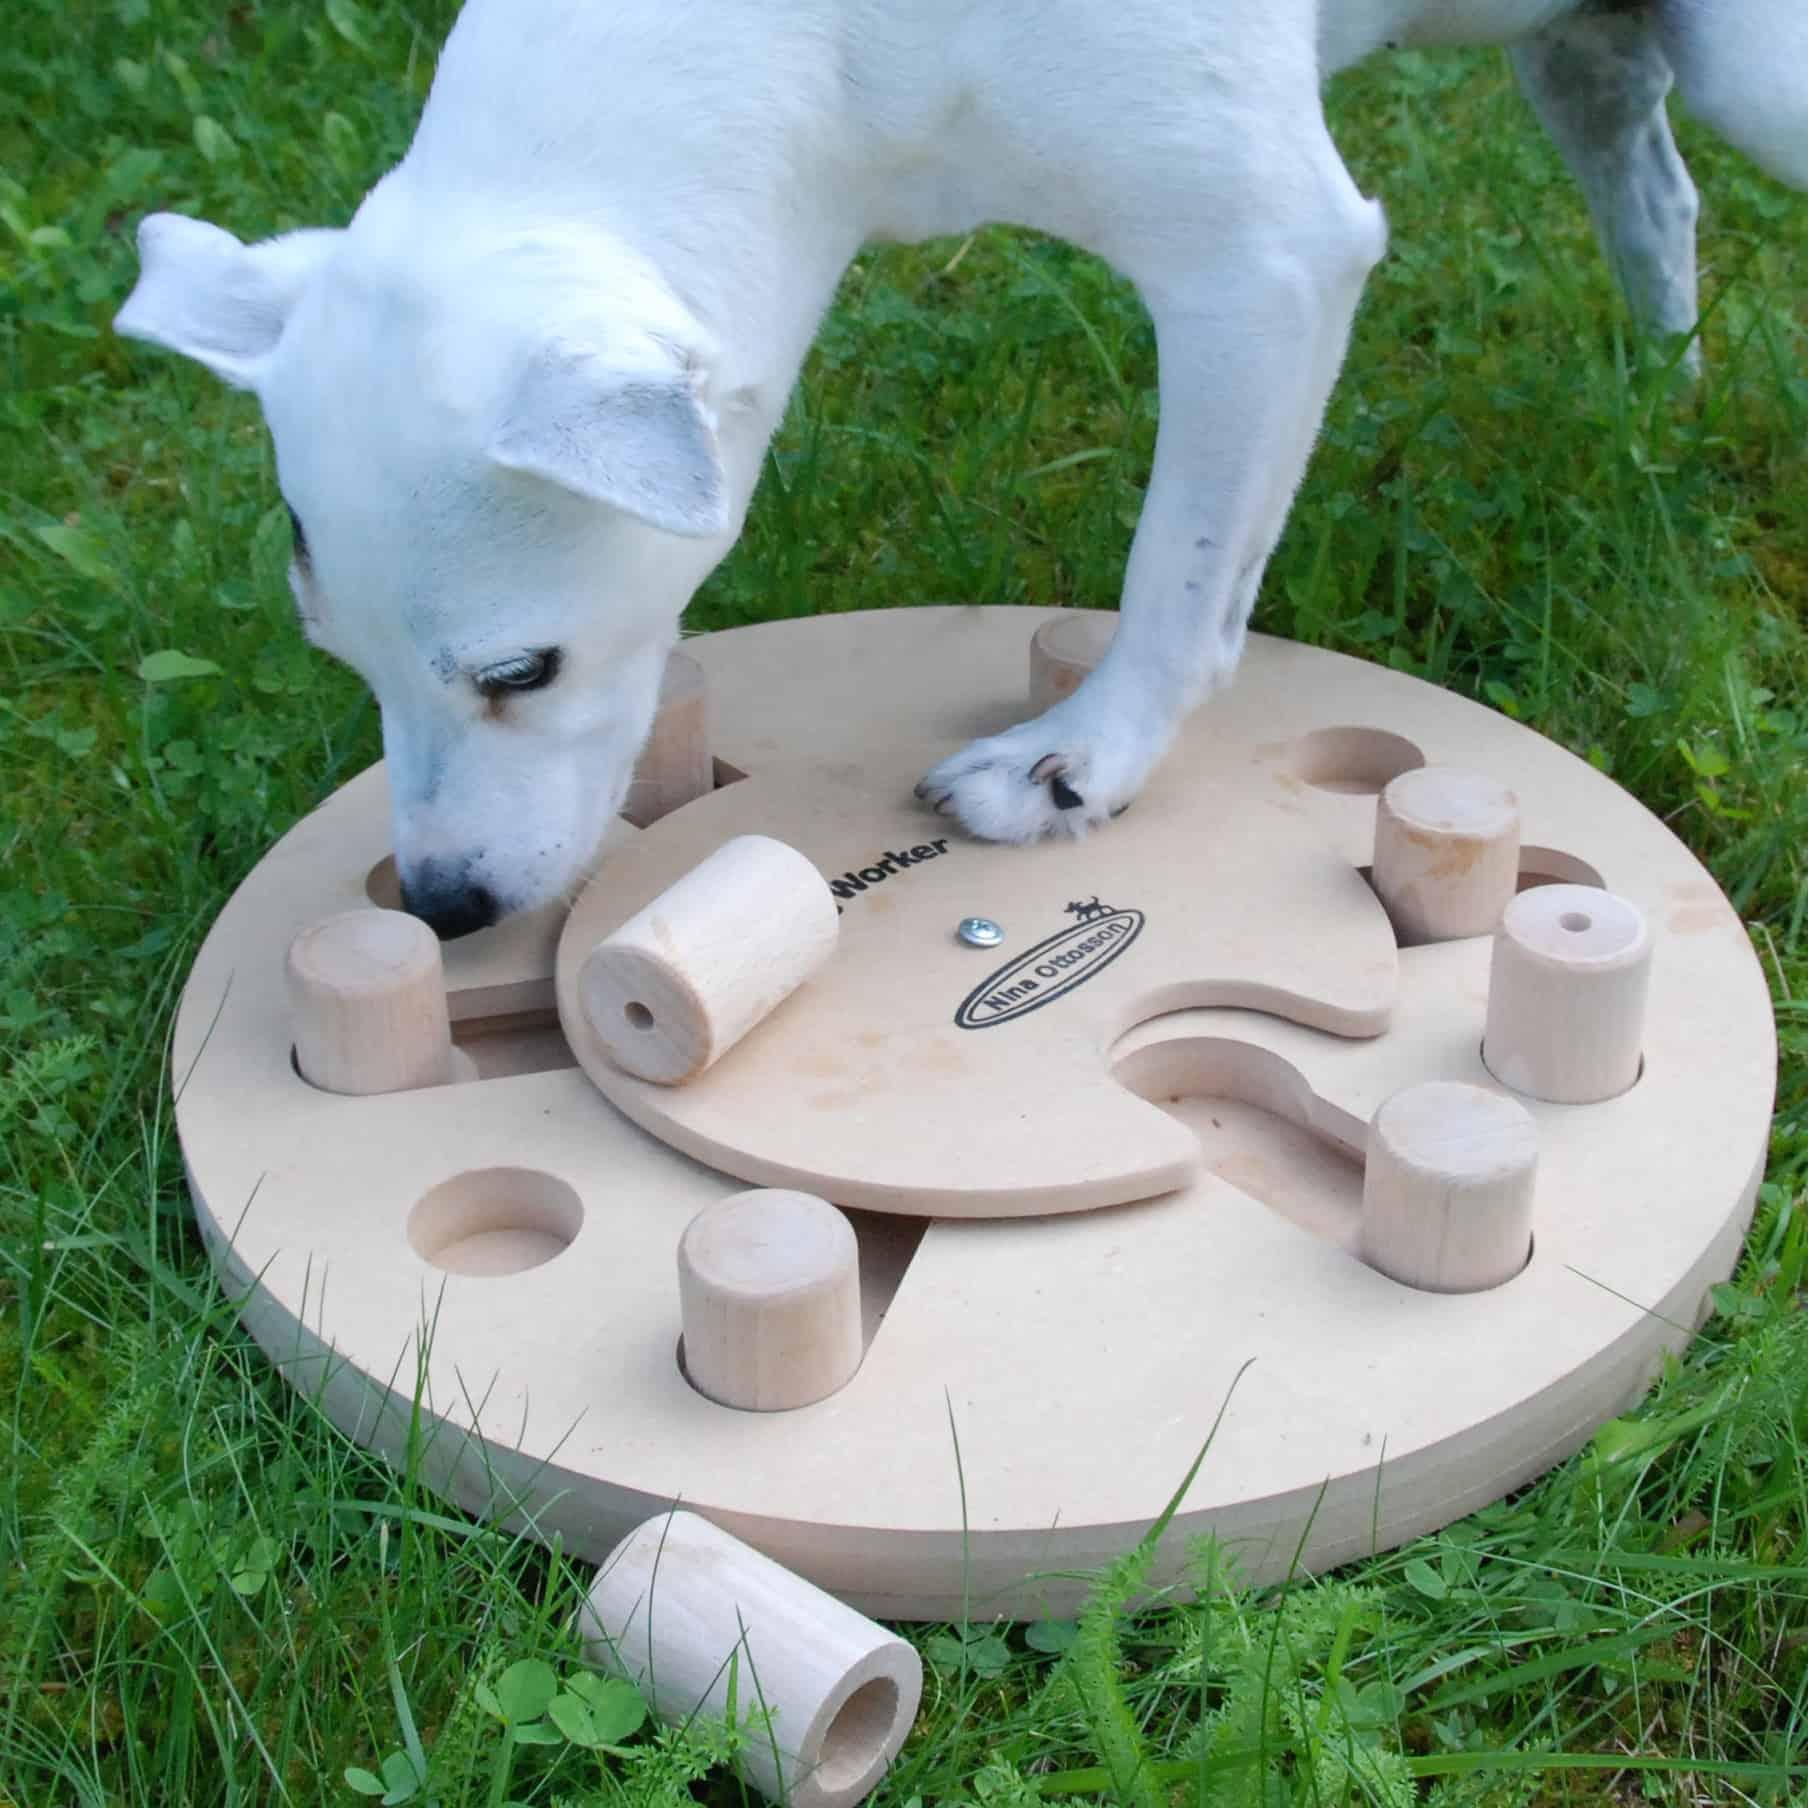 Chien qui cherche nourriture dans un puzzle pour chien